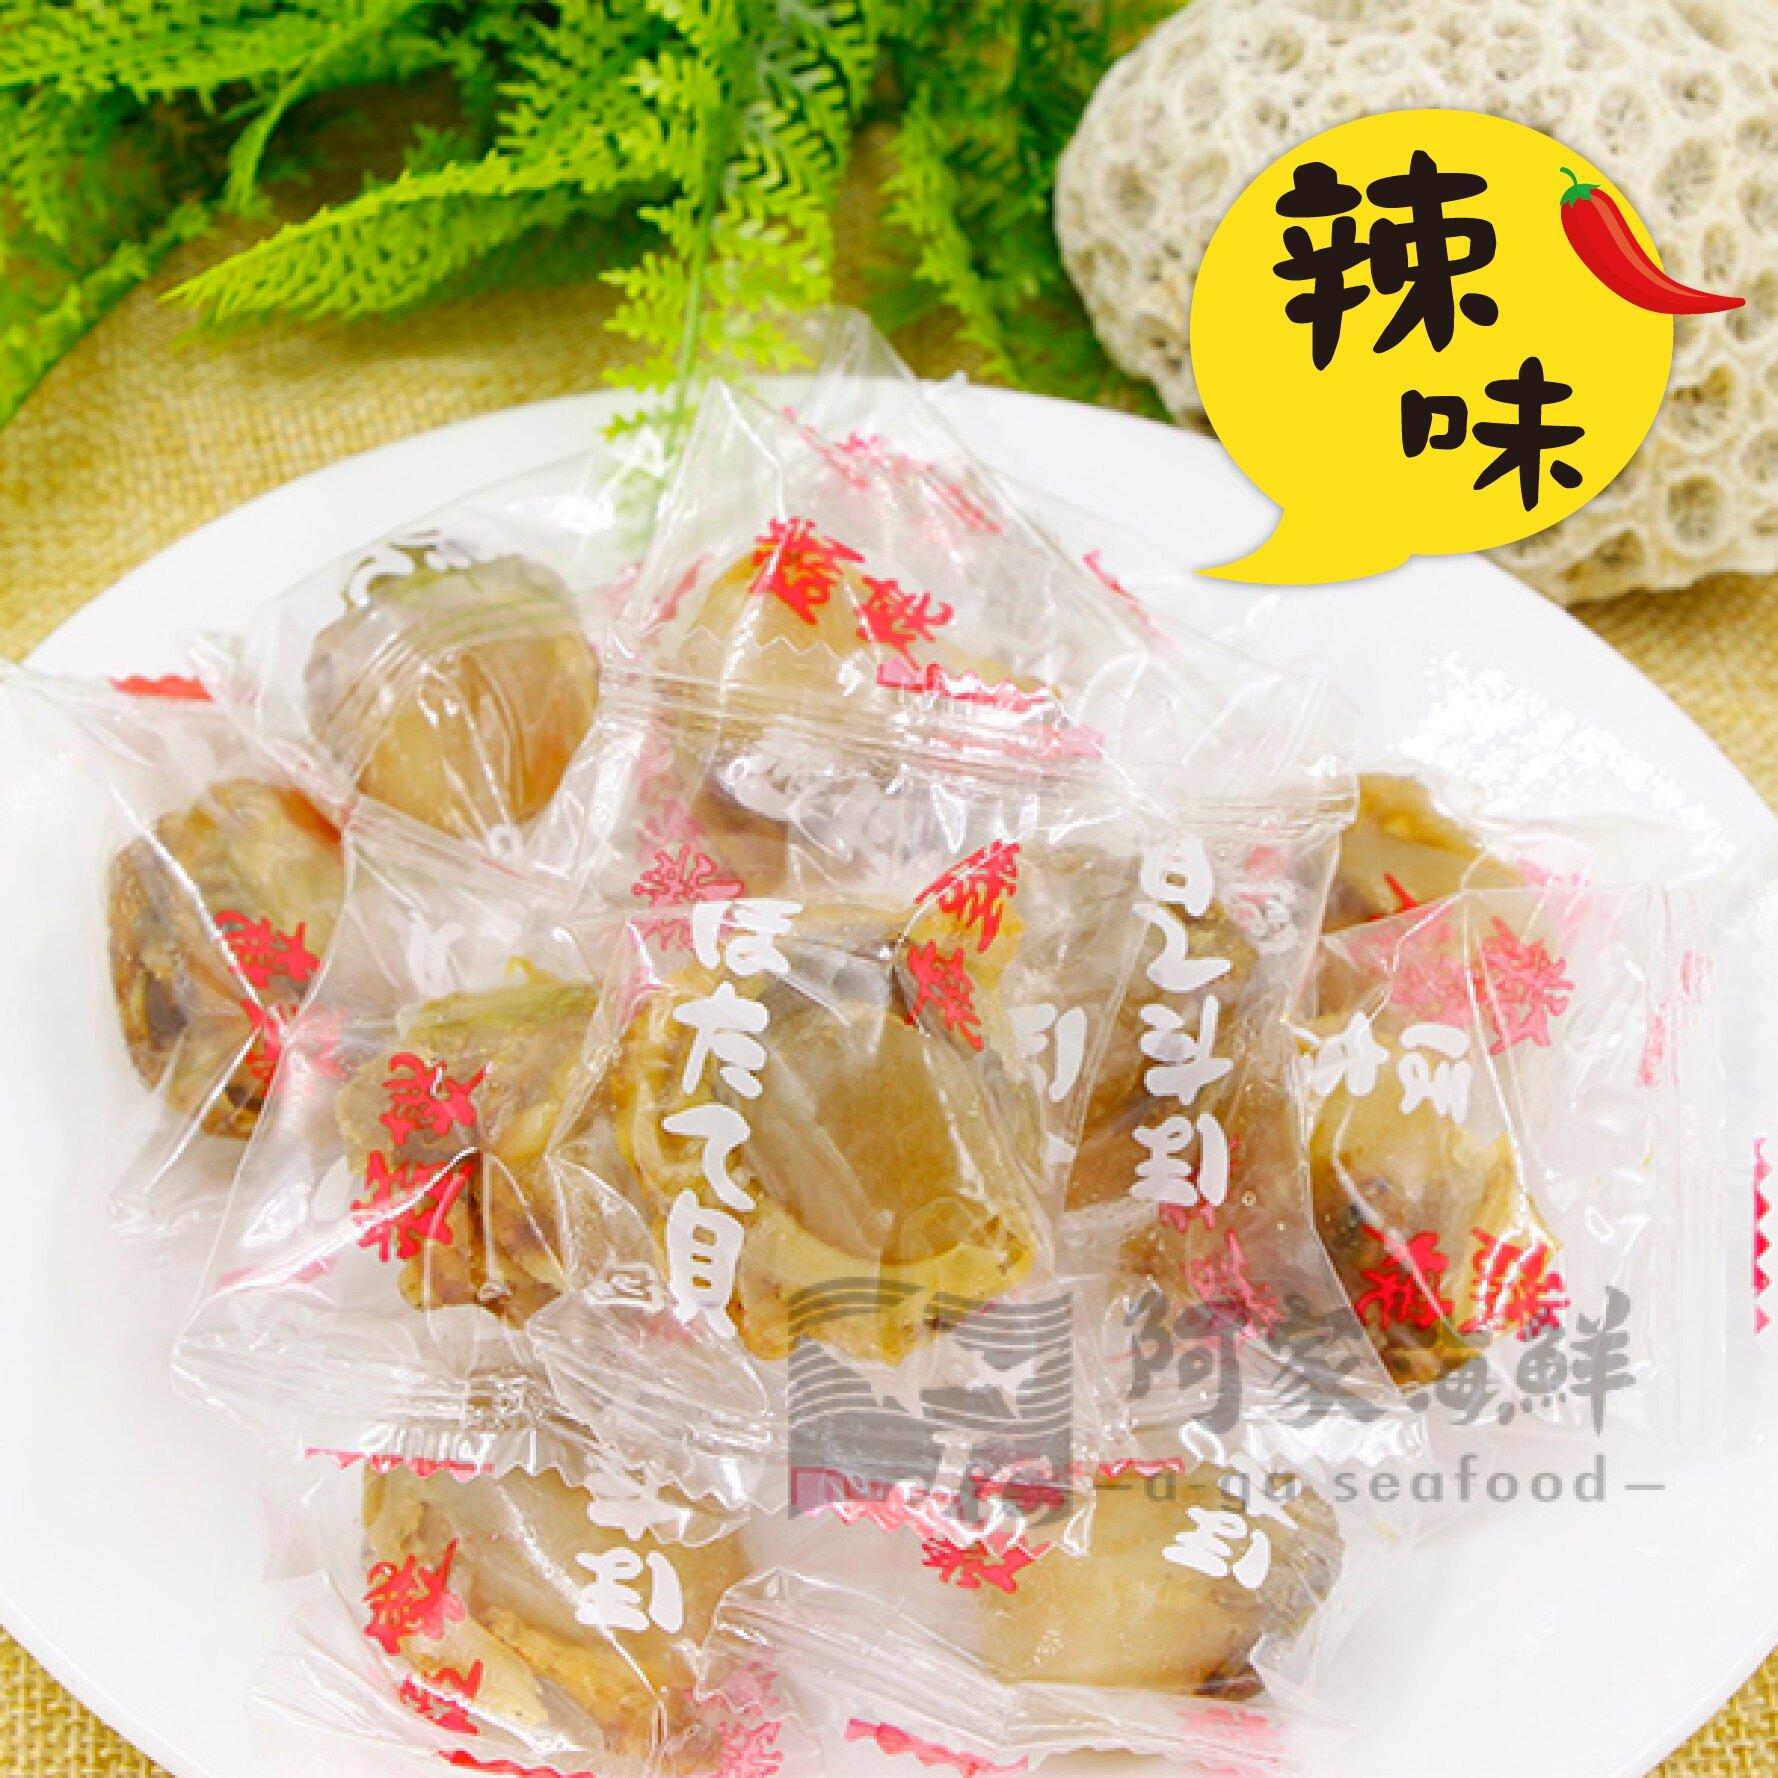 ★日本原裝★ 磯燒干貝糖500g10%(辣味) 帆立貝 干貝糖 北海道 帆立貝  快速出貨